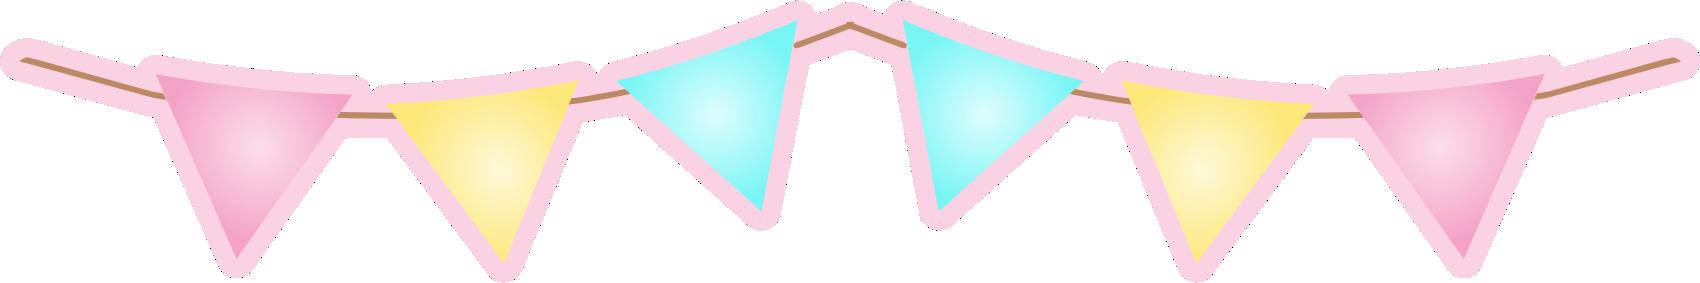 topo de bolo ursinhos carinhosos rosa 3